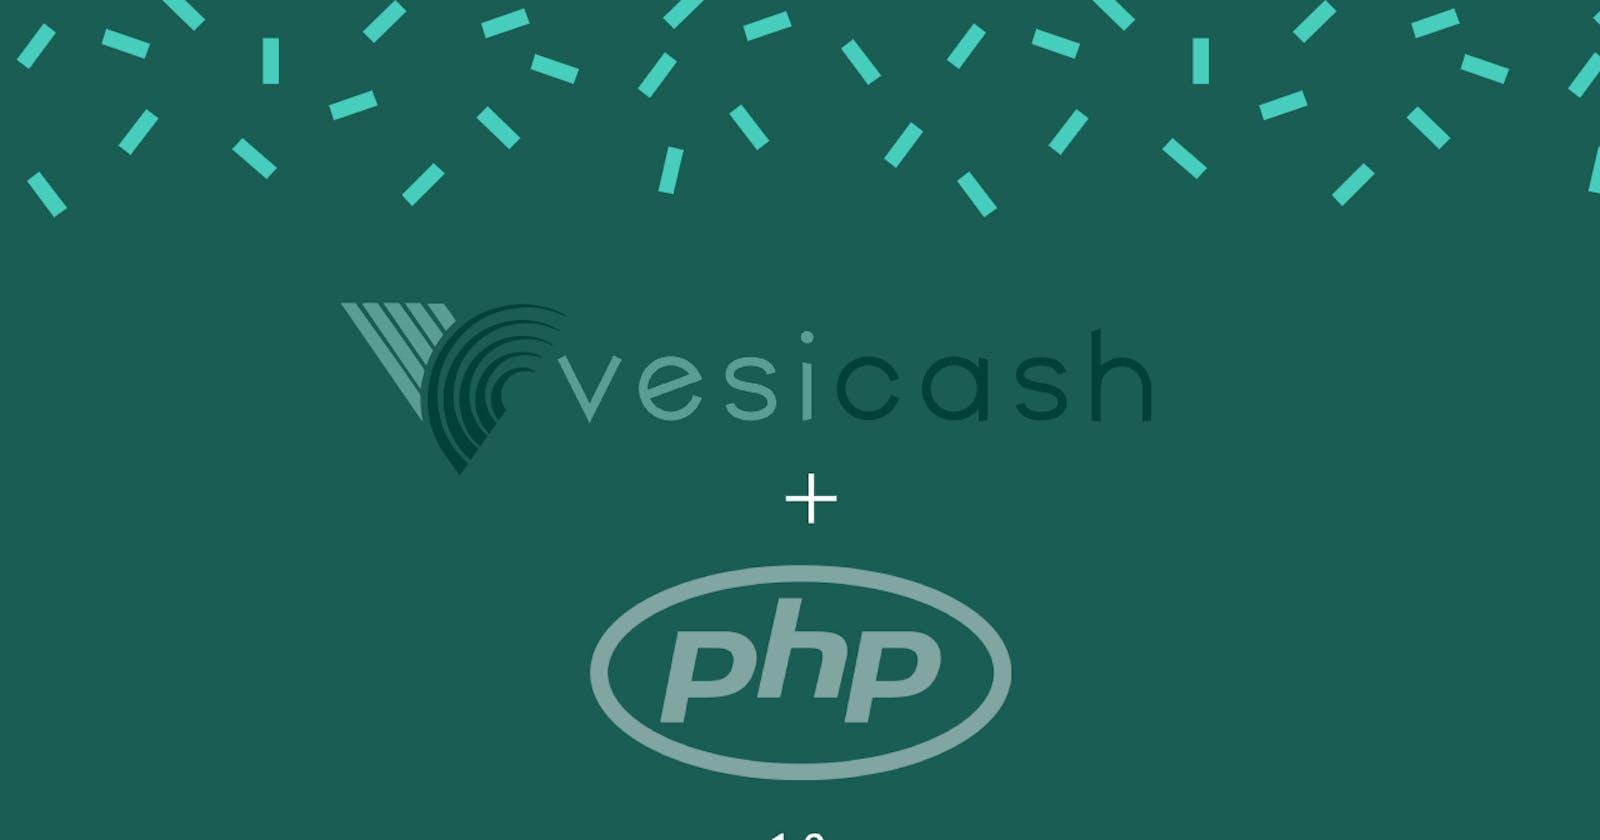 Vesicash PHP SDK v1.0 Launched 🔥